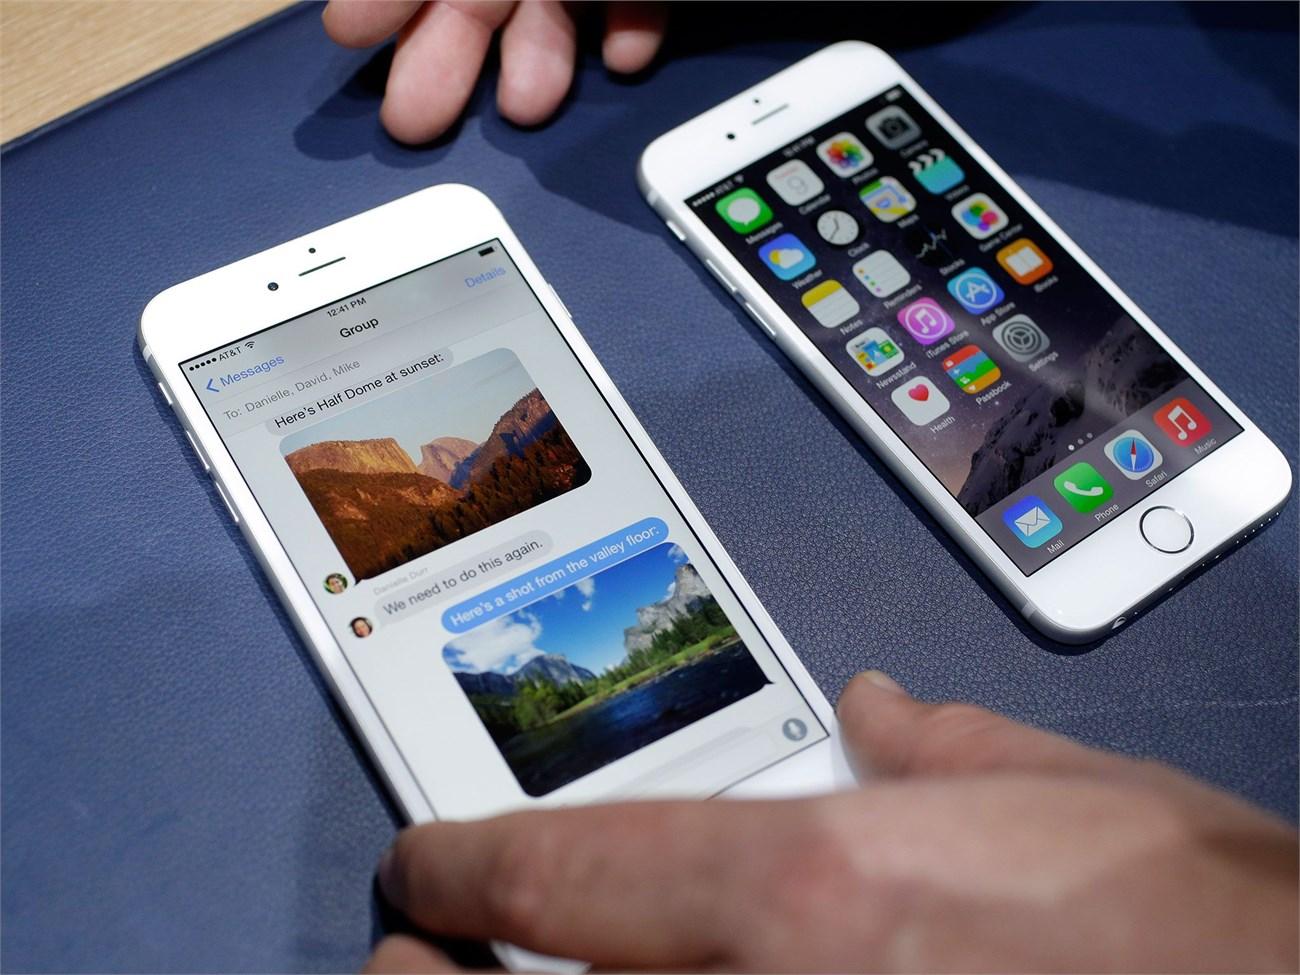 Lựa chọn địa chỉ tin cậy để thay pin iPhone 6 chính hãng.